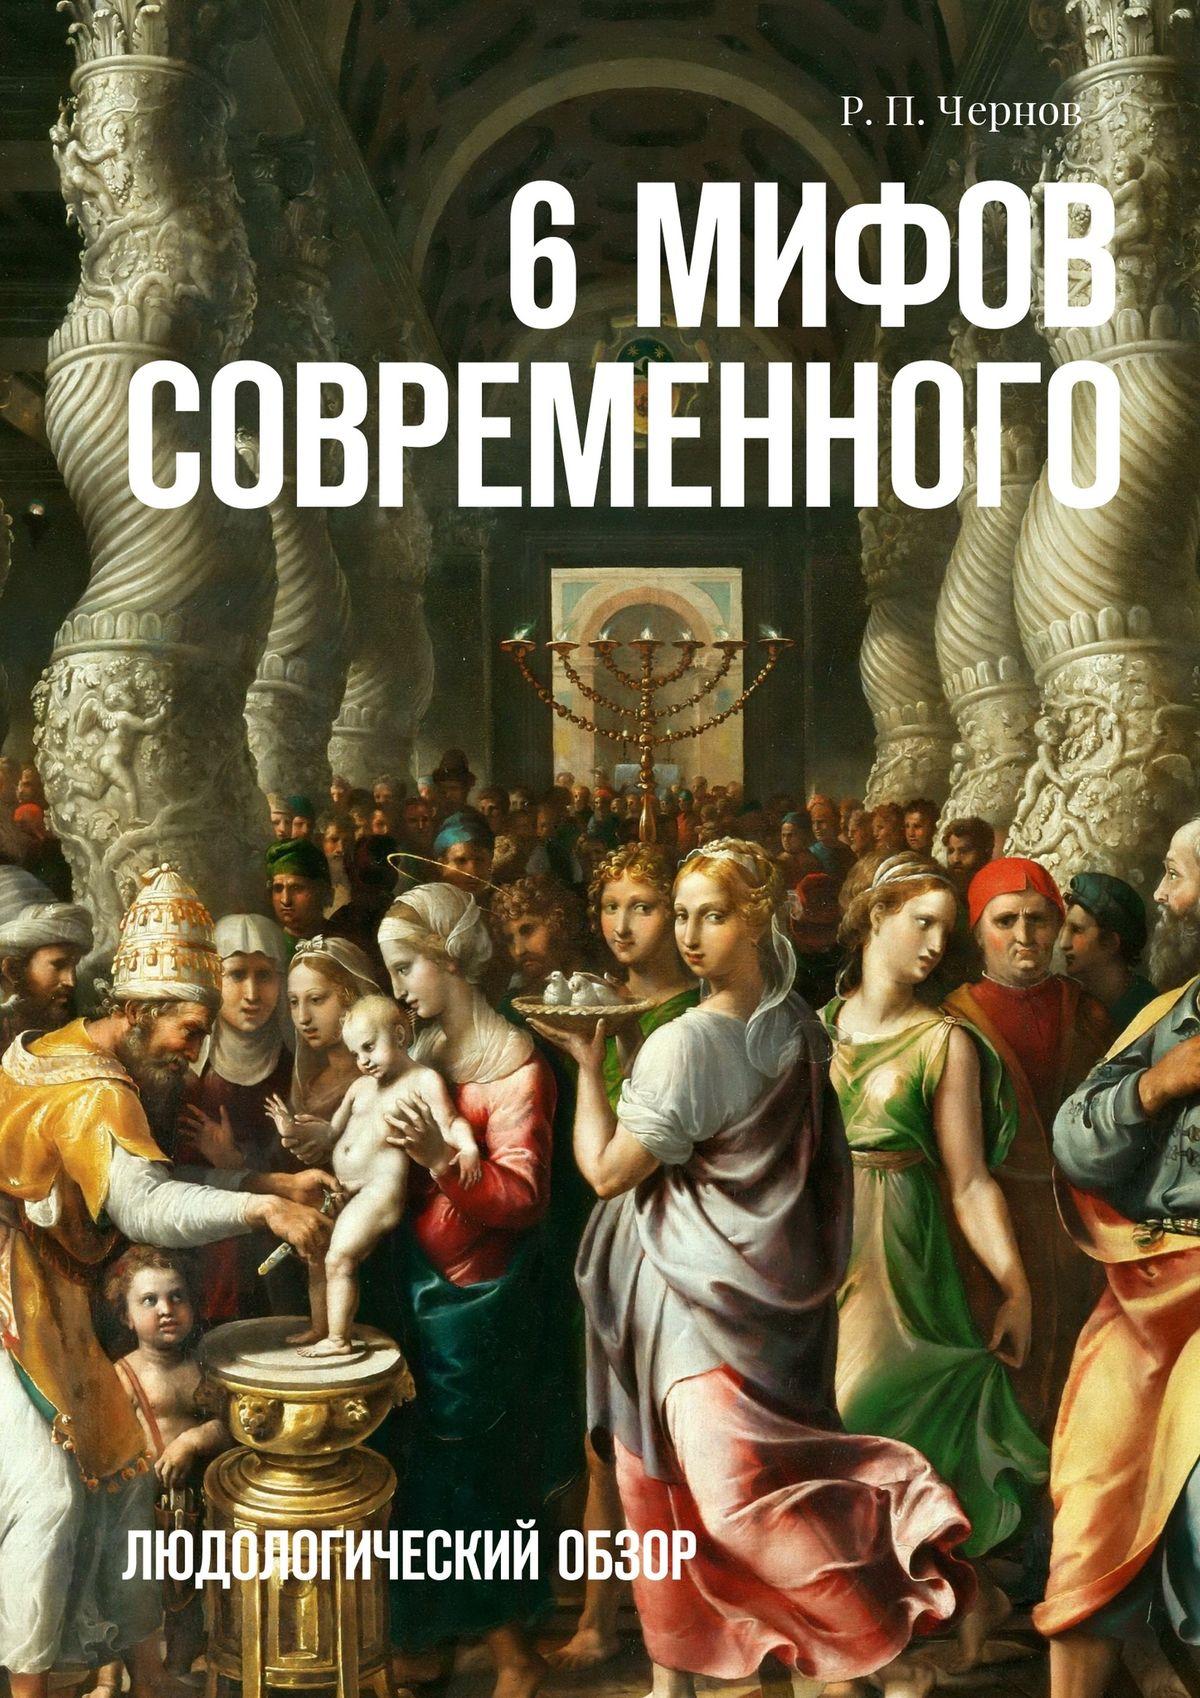 Р. П. Чернов 6мифов современного. Людологический обзор